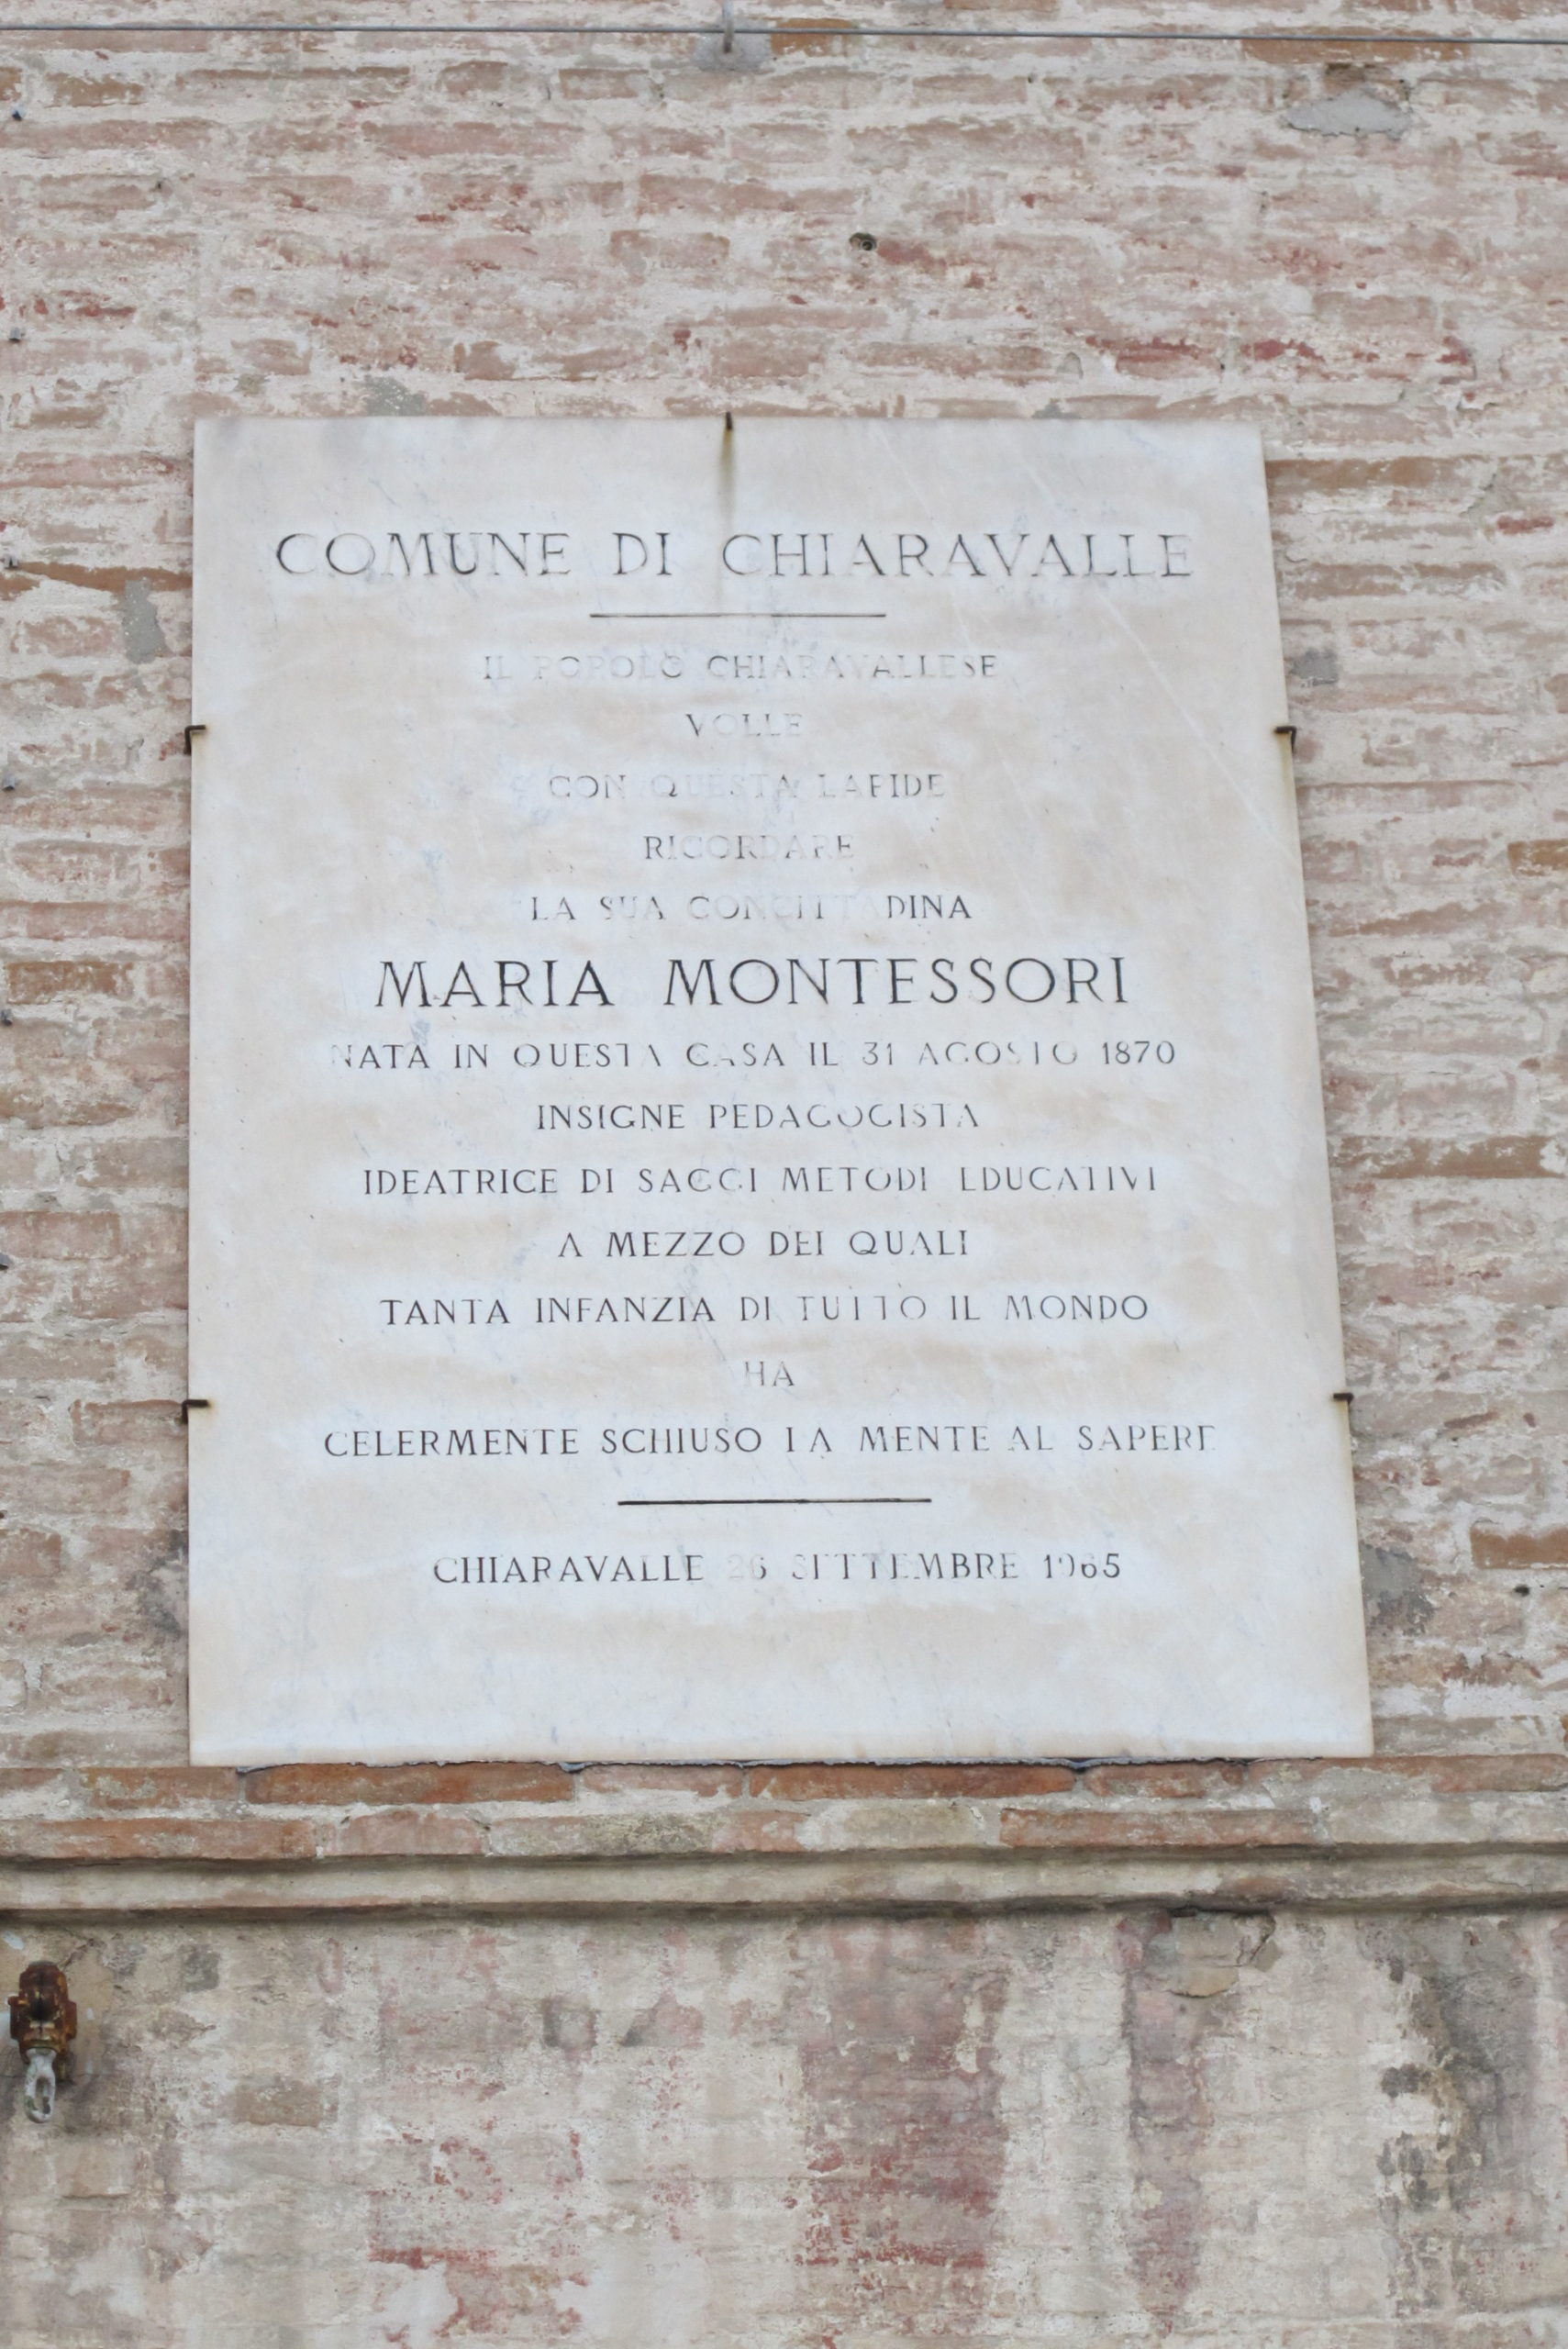 Chiaravalle - Maria Montessori in lutto